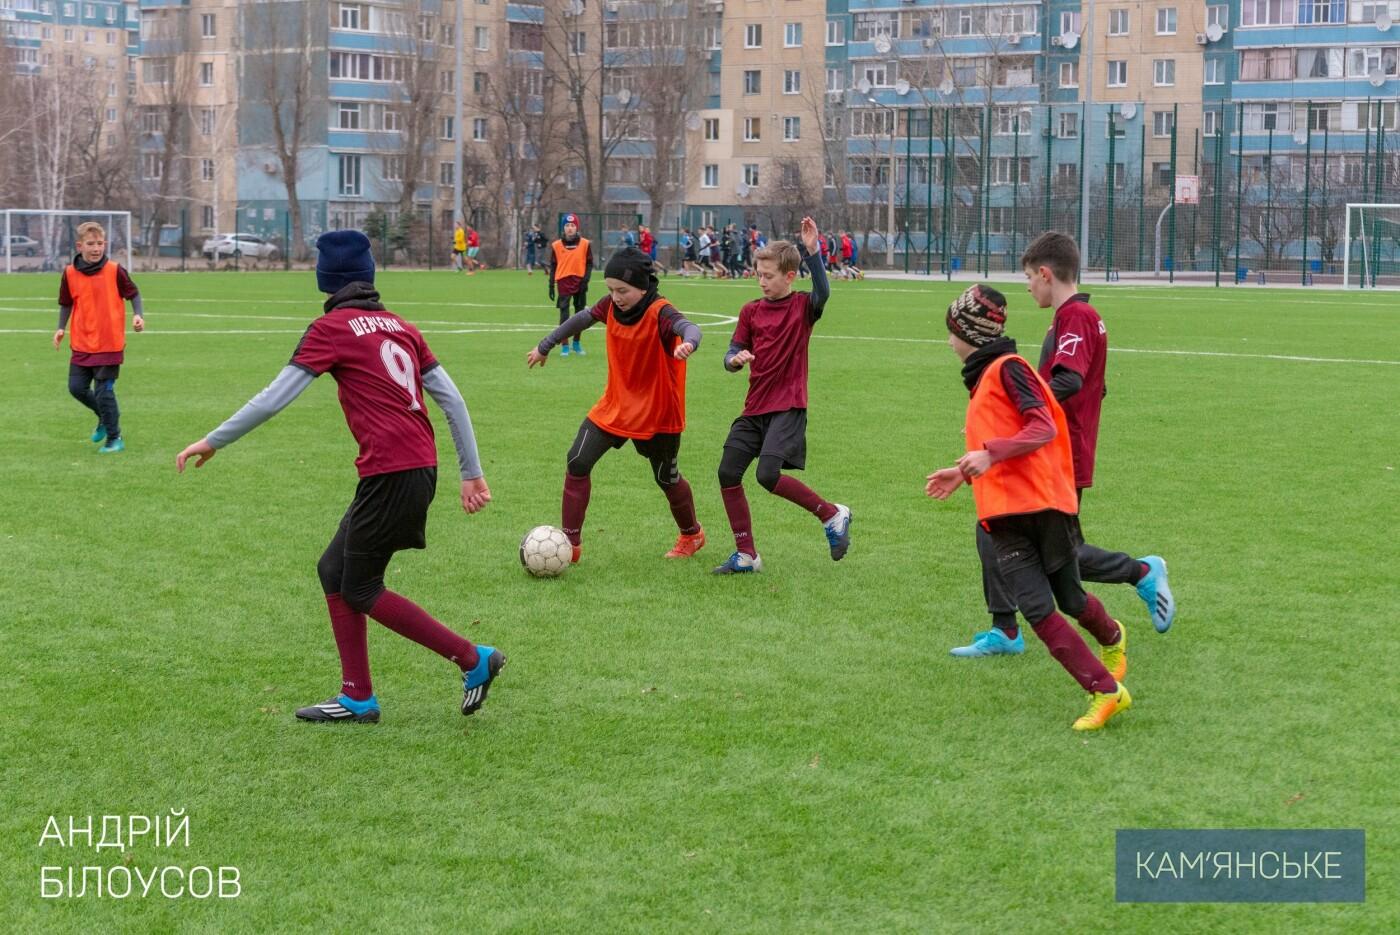 Мэр Каменского поздравил футбольную команду «Надія-Nova», фото-2